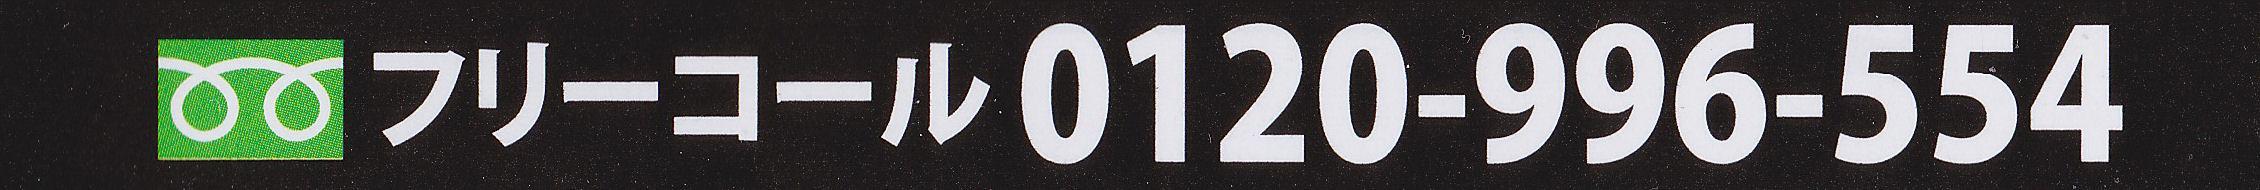 フリーコール 0120-996-554